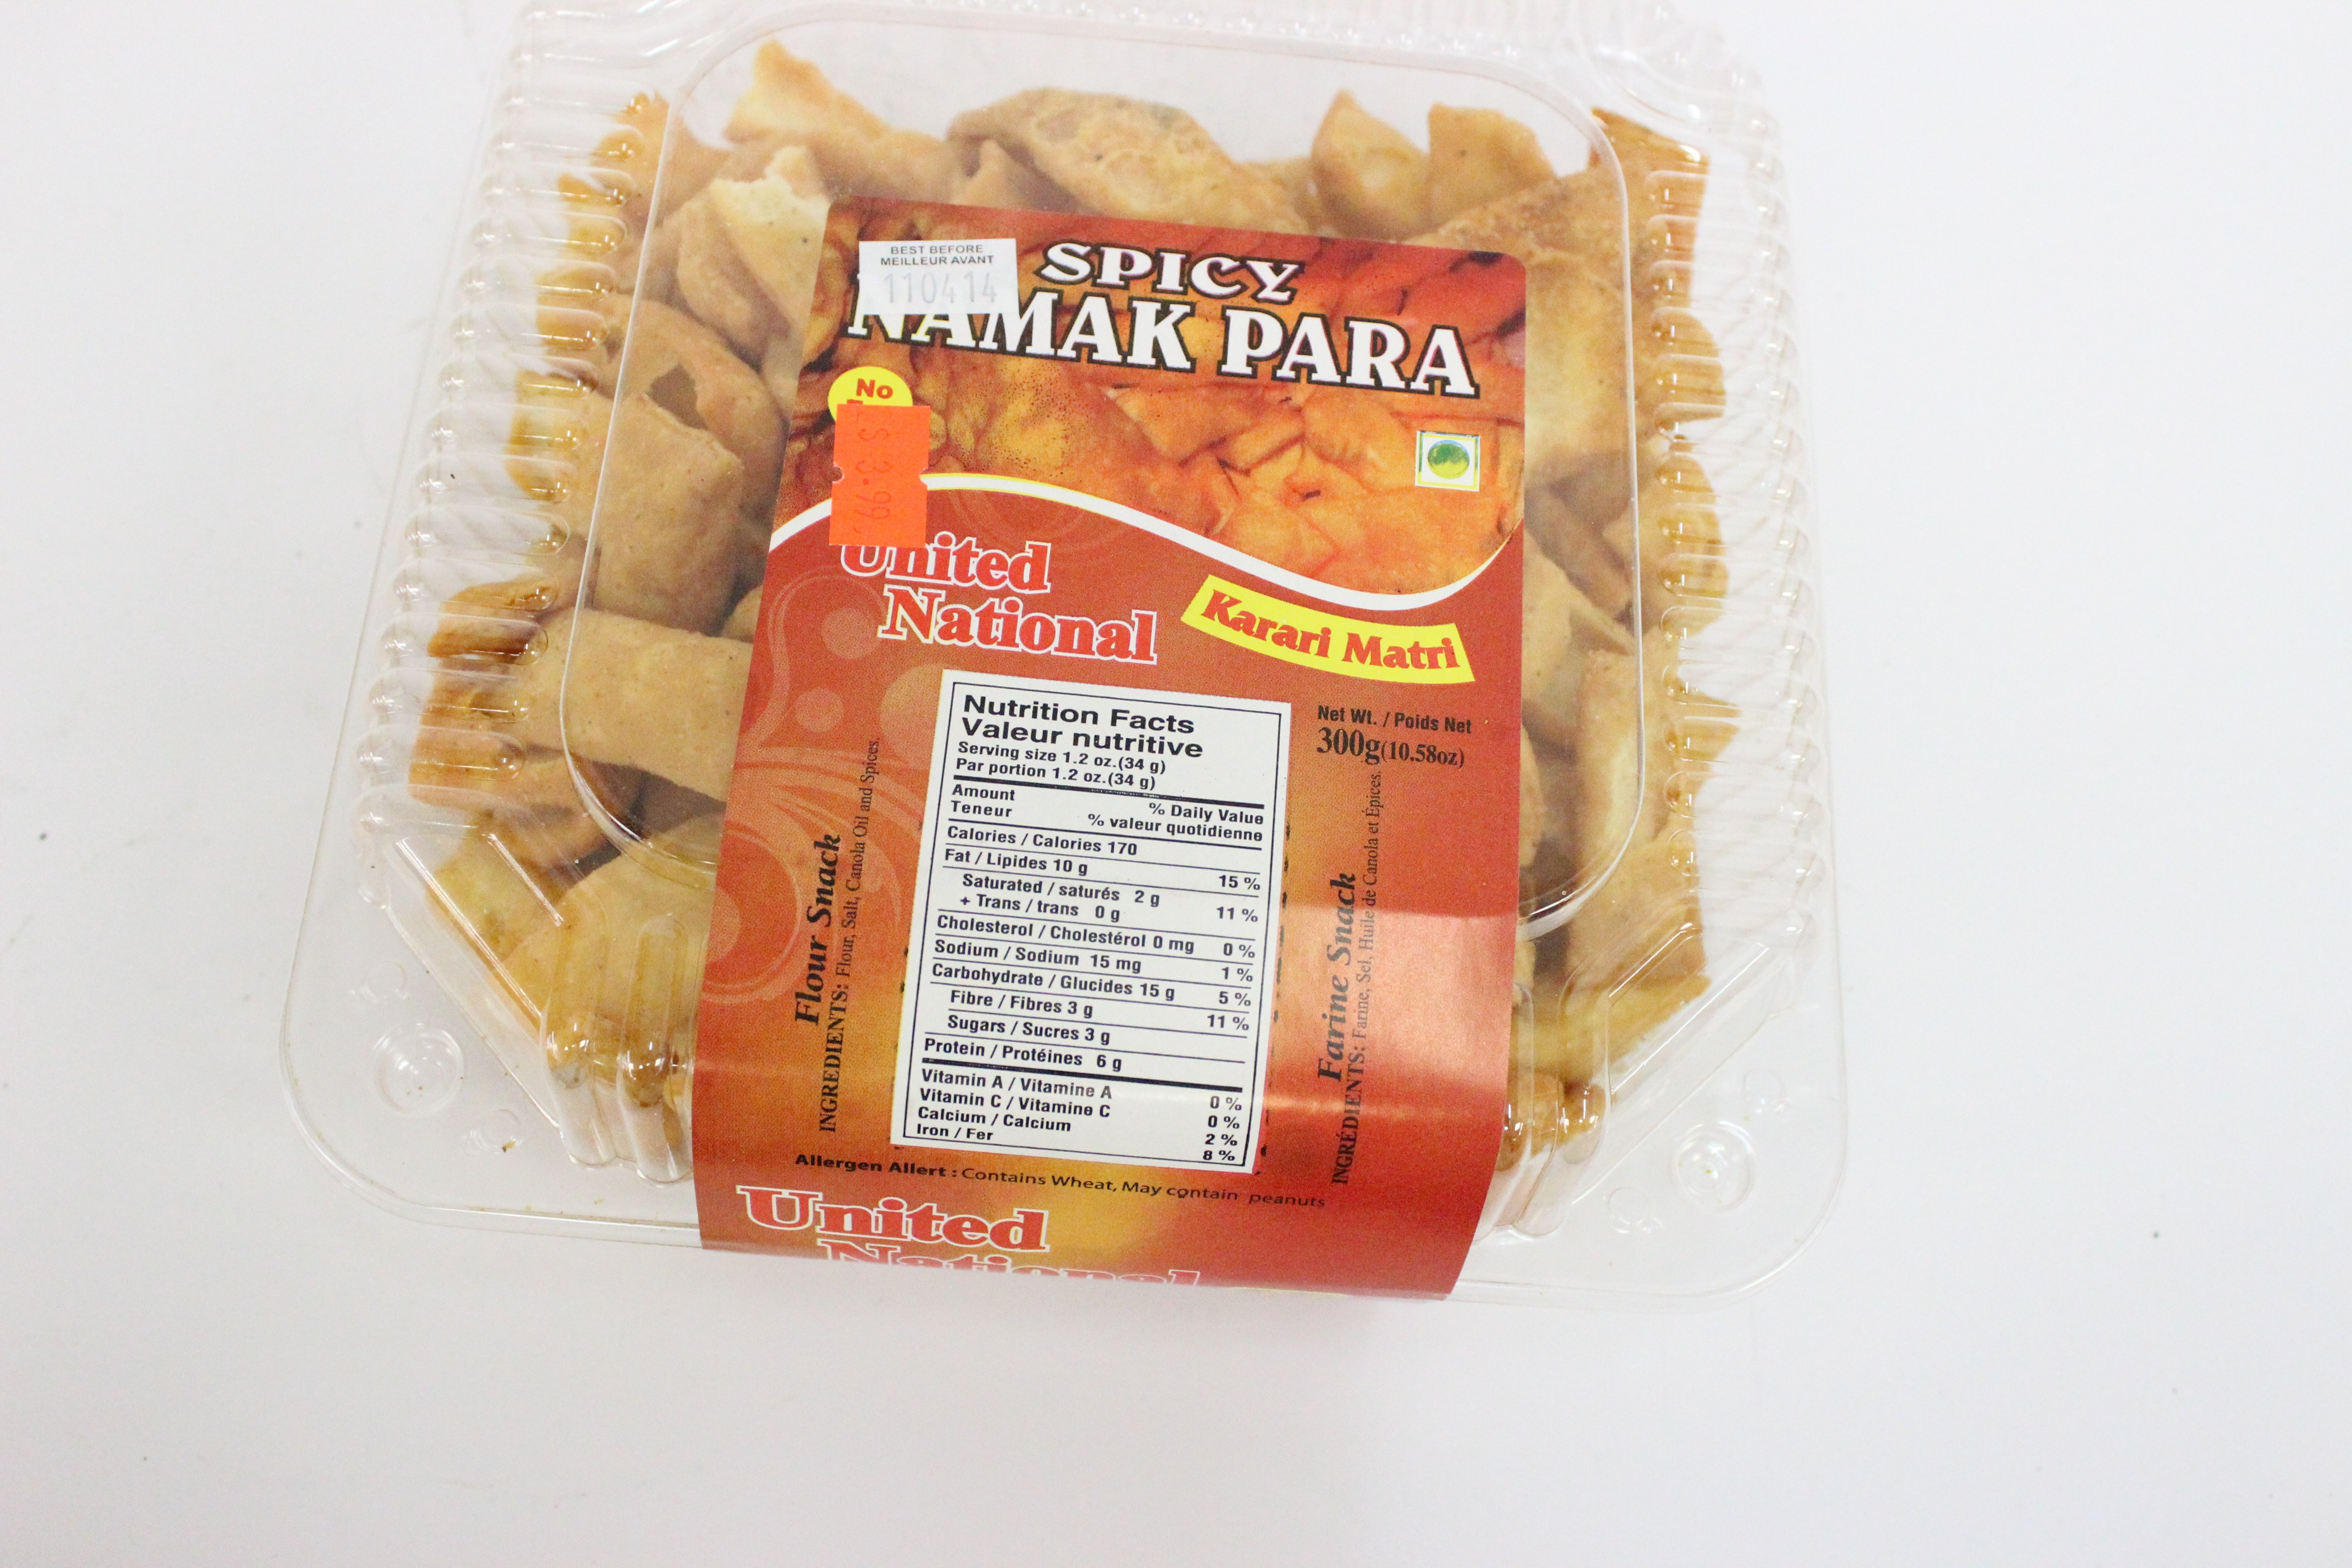 United National Spicy Namak Para 300 grm